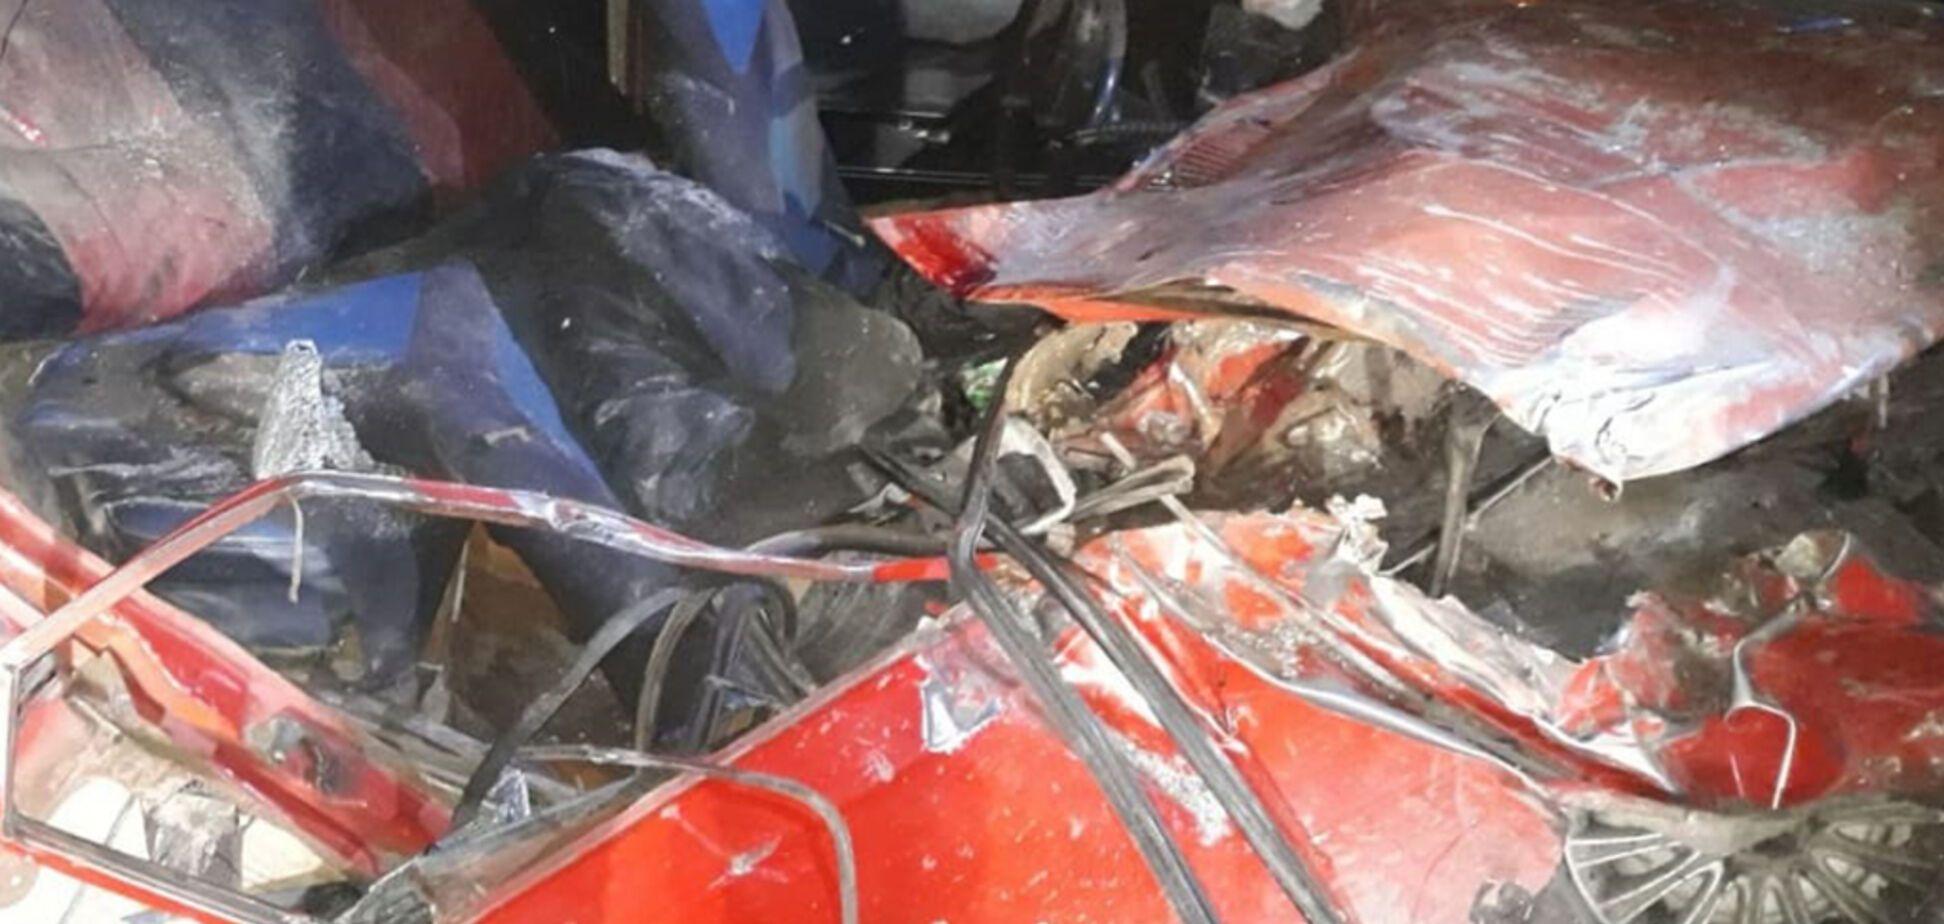 На Днепропетровщине легковушка врезалась в грузовик: тело мужчины вытаскивали спасатели. Фото